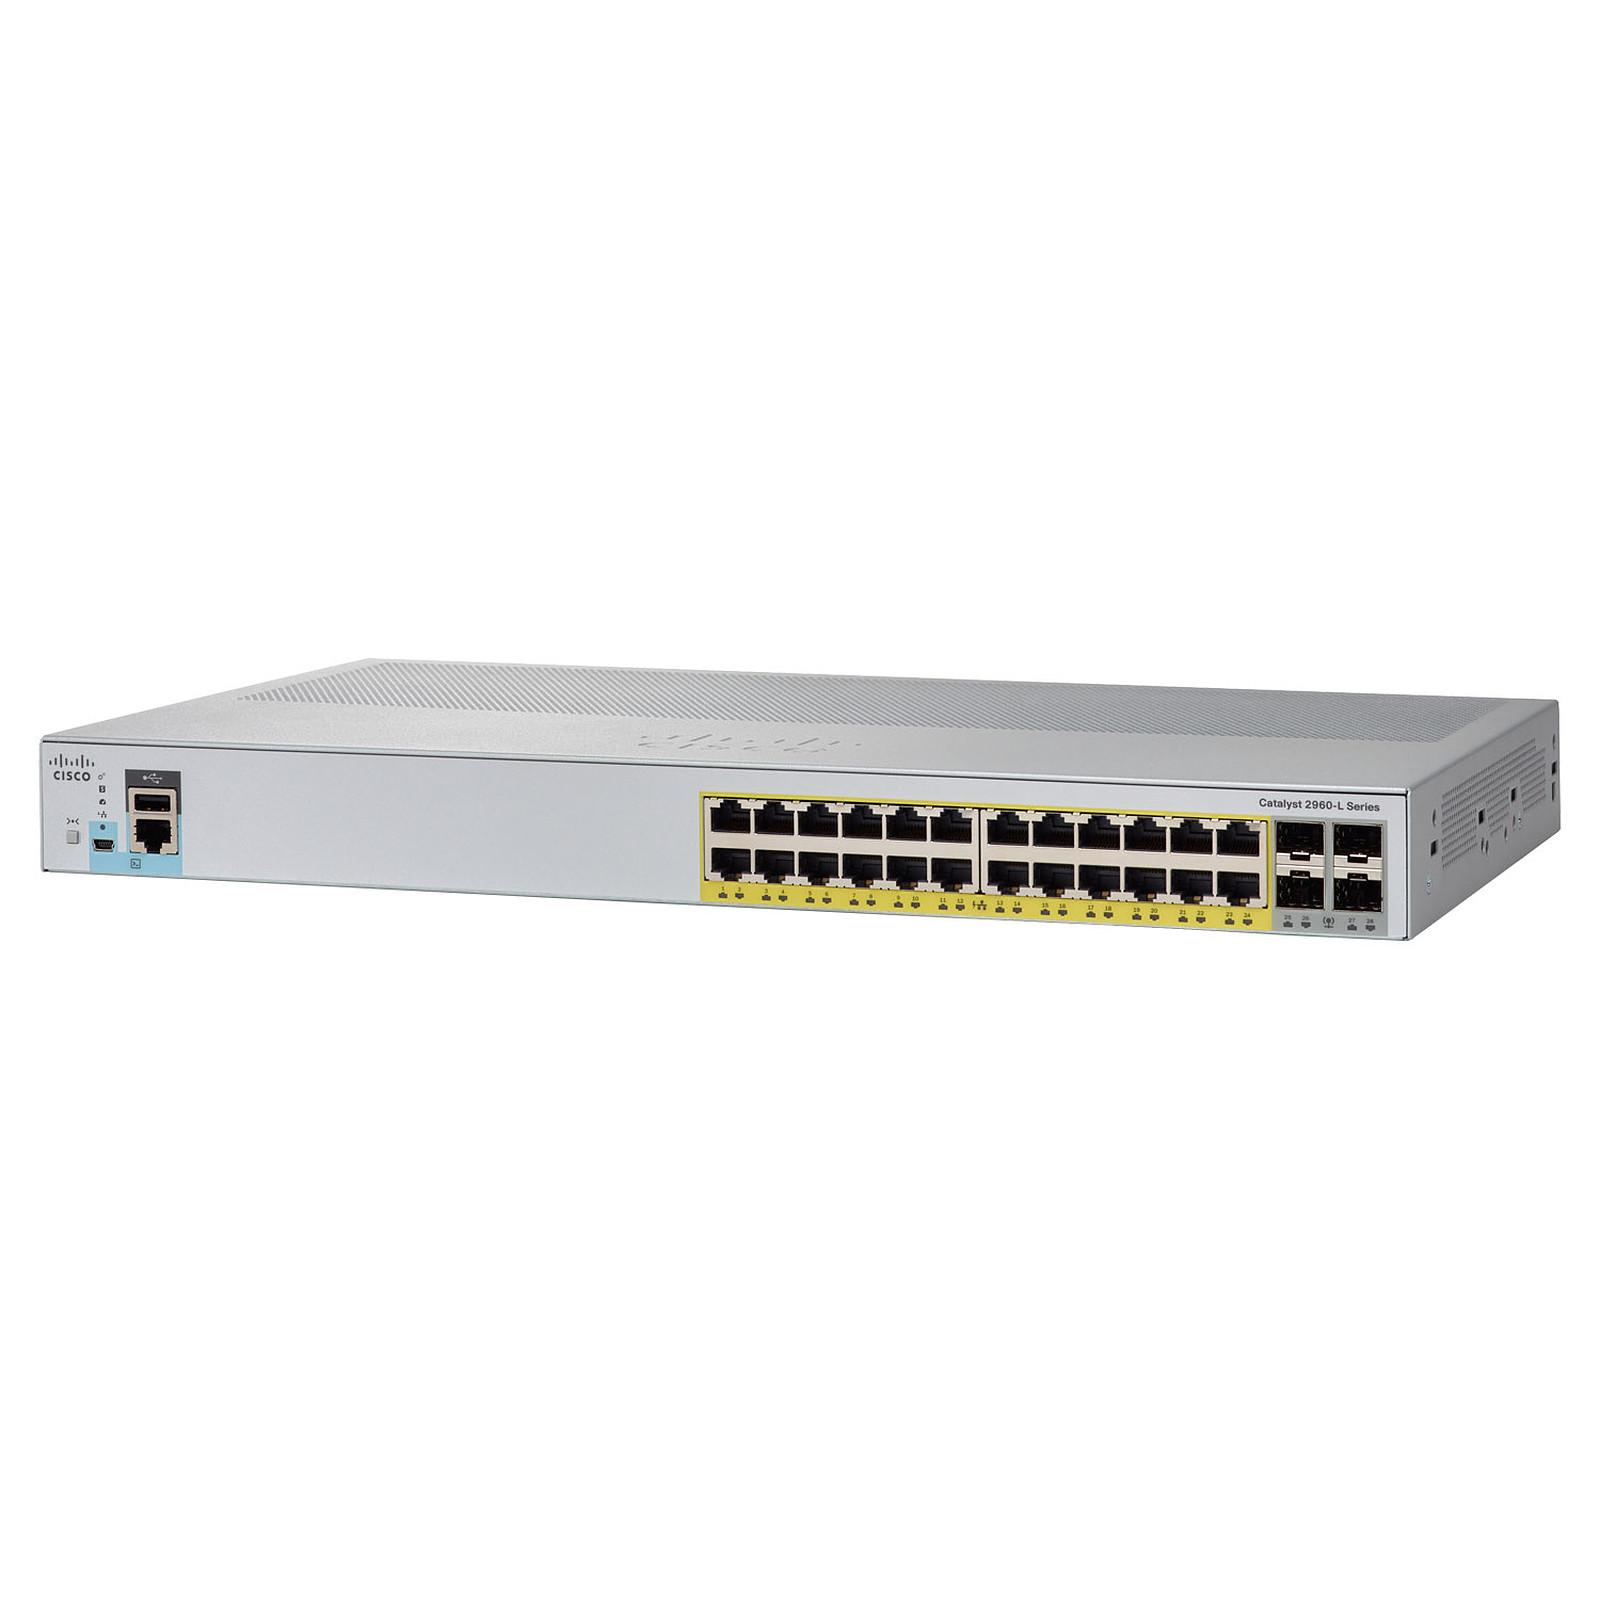 Cisco Catalyst WS-C2960L-24PS-LL